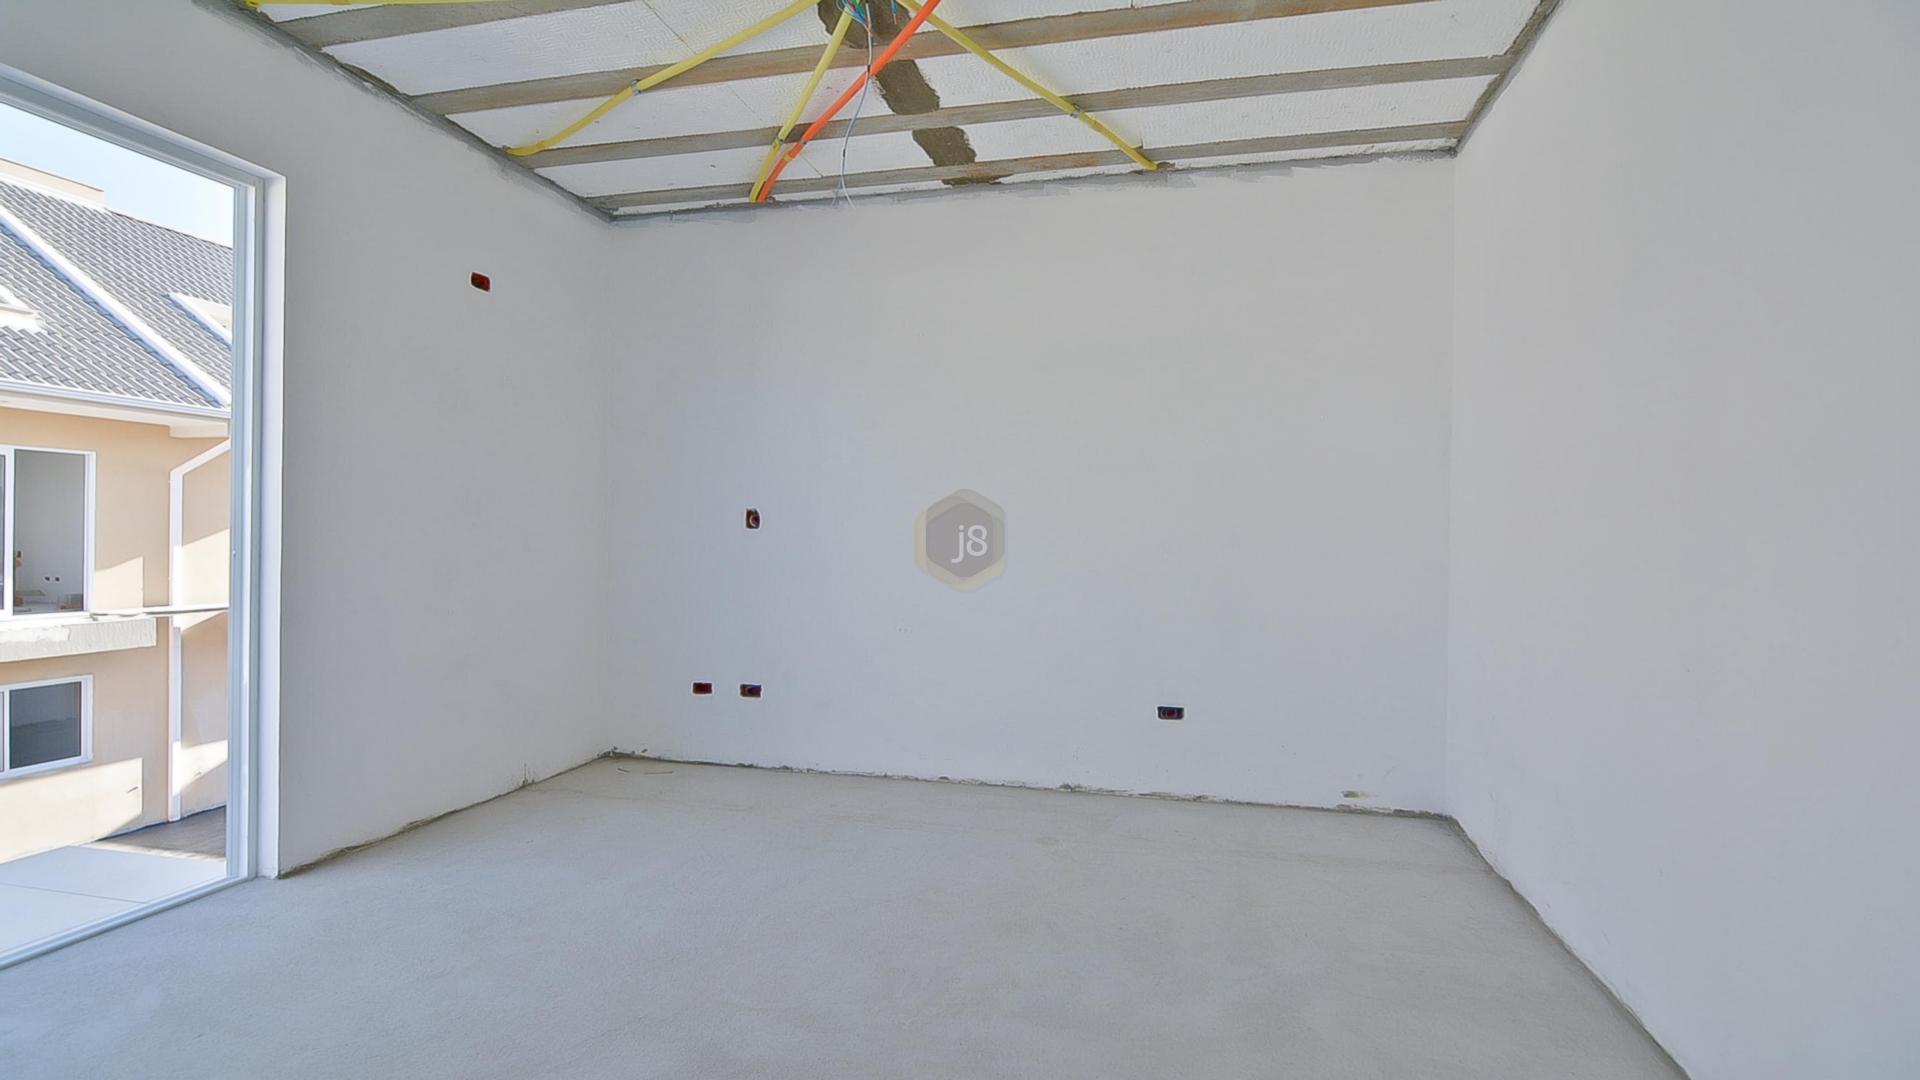 Sobrado de 3 dormitórios à venda em São Lourenço, Curitiba - PR